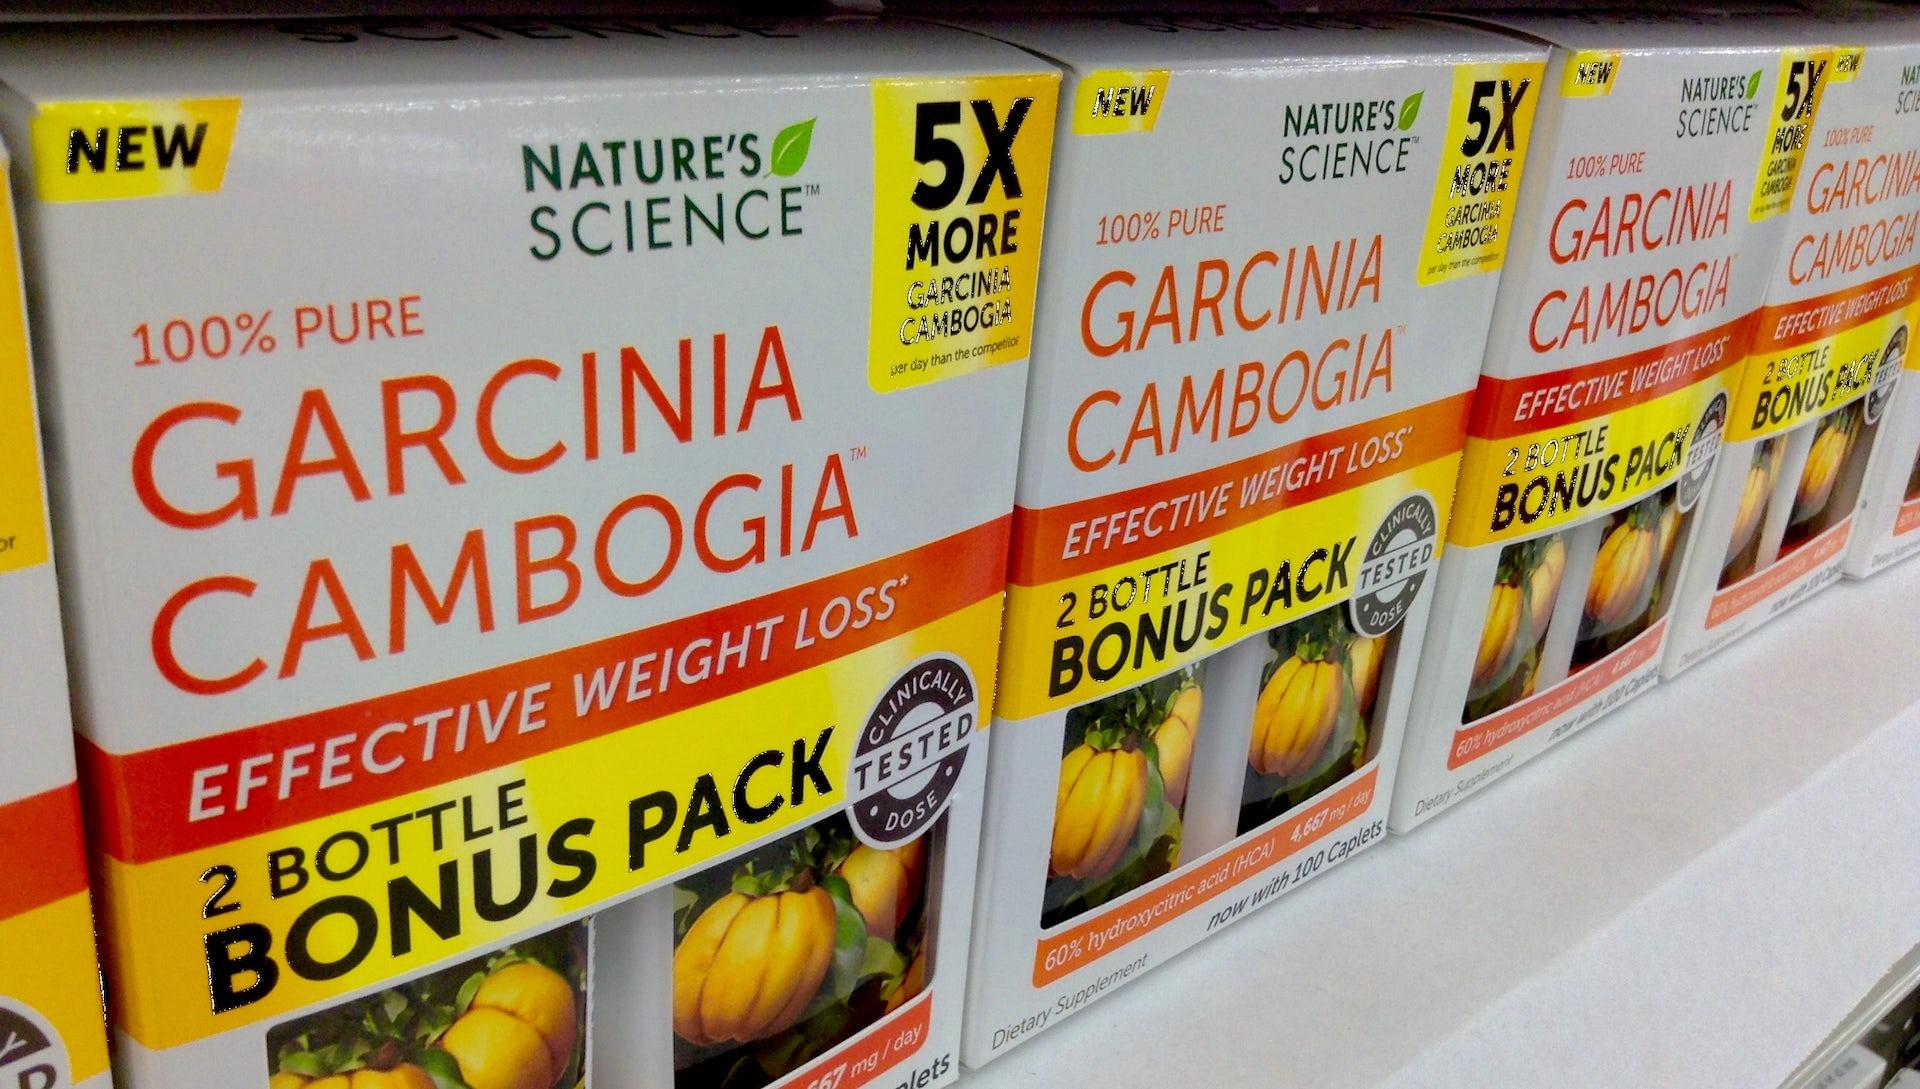 Garcinia substitute